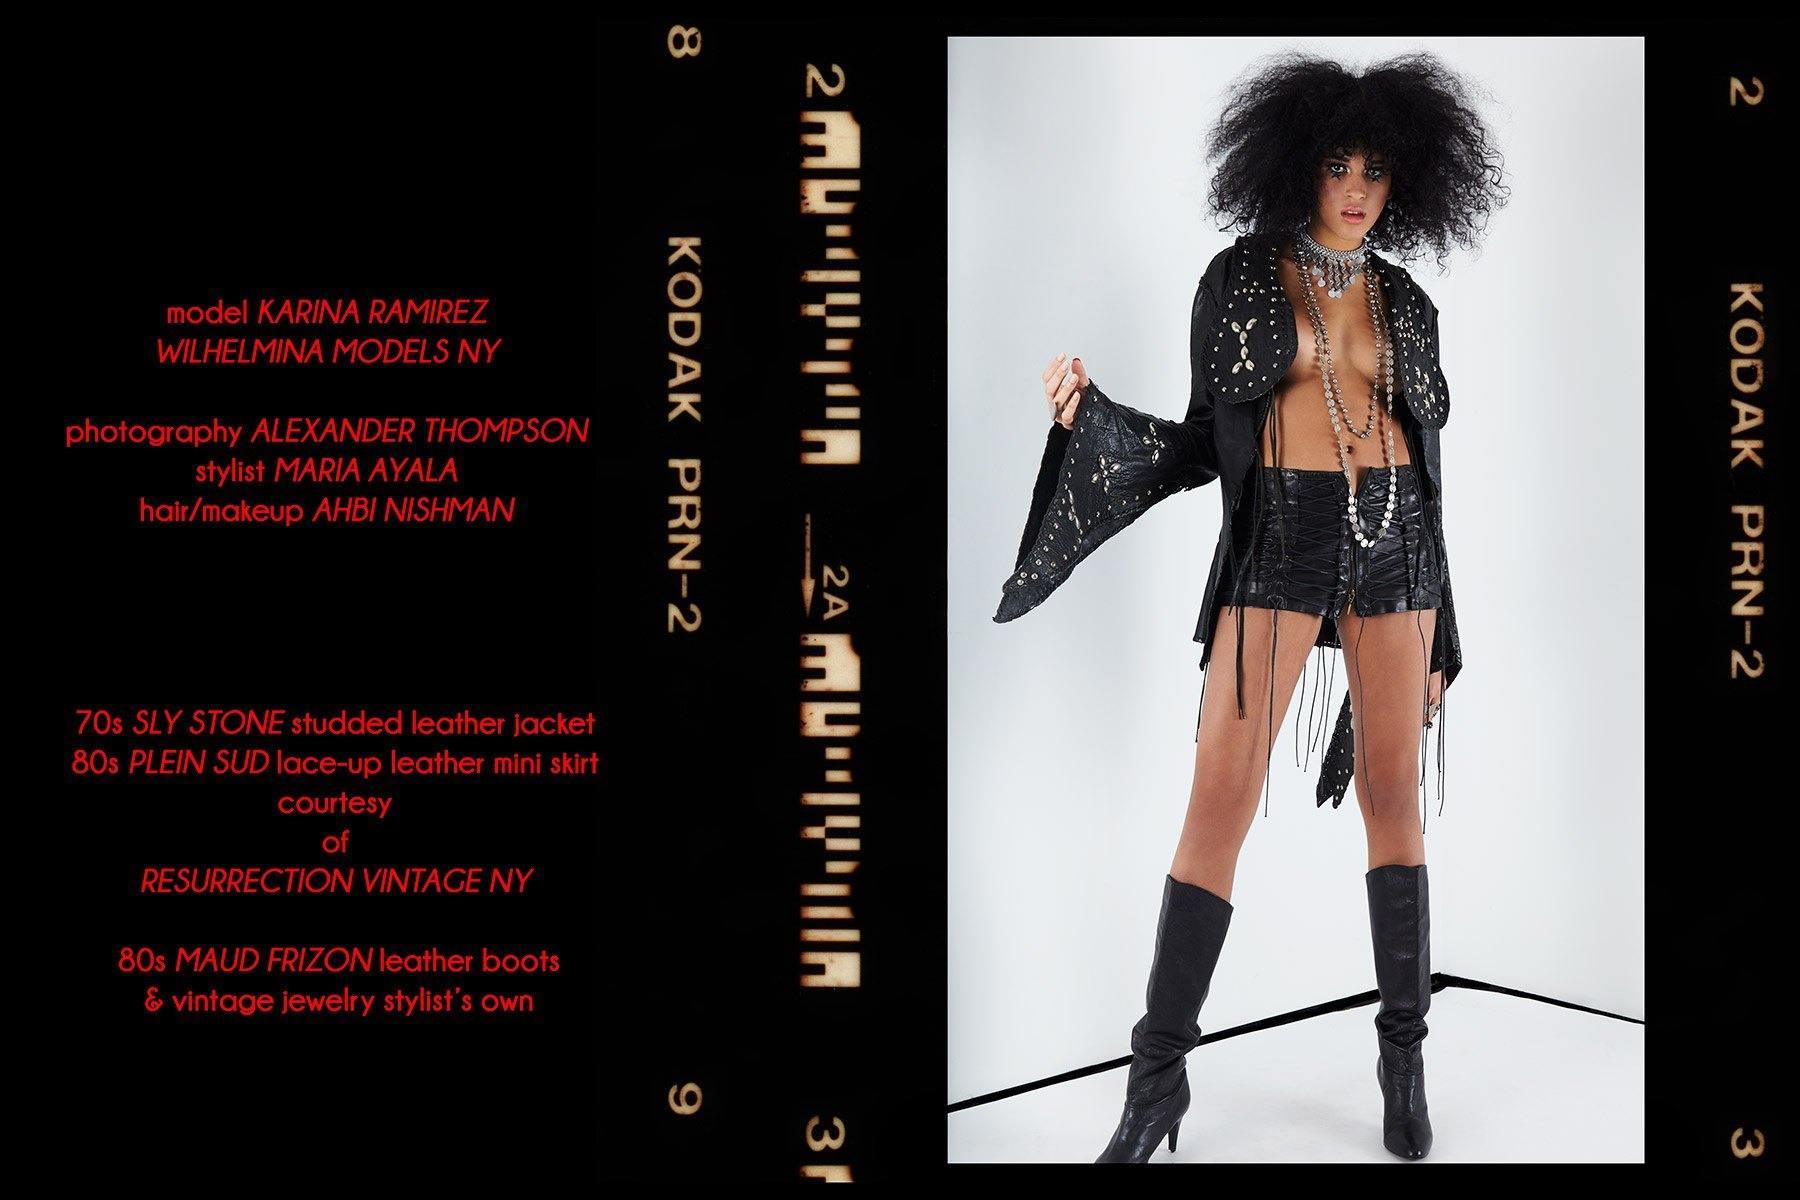 Model Karina Ramirez photographed in a vintage Sly Stone studded leather jacket for Ponyboy magazine by Alexander Thompson.